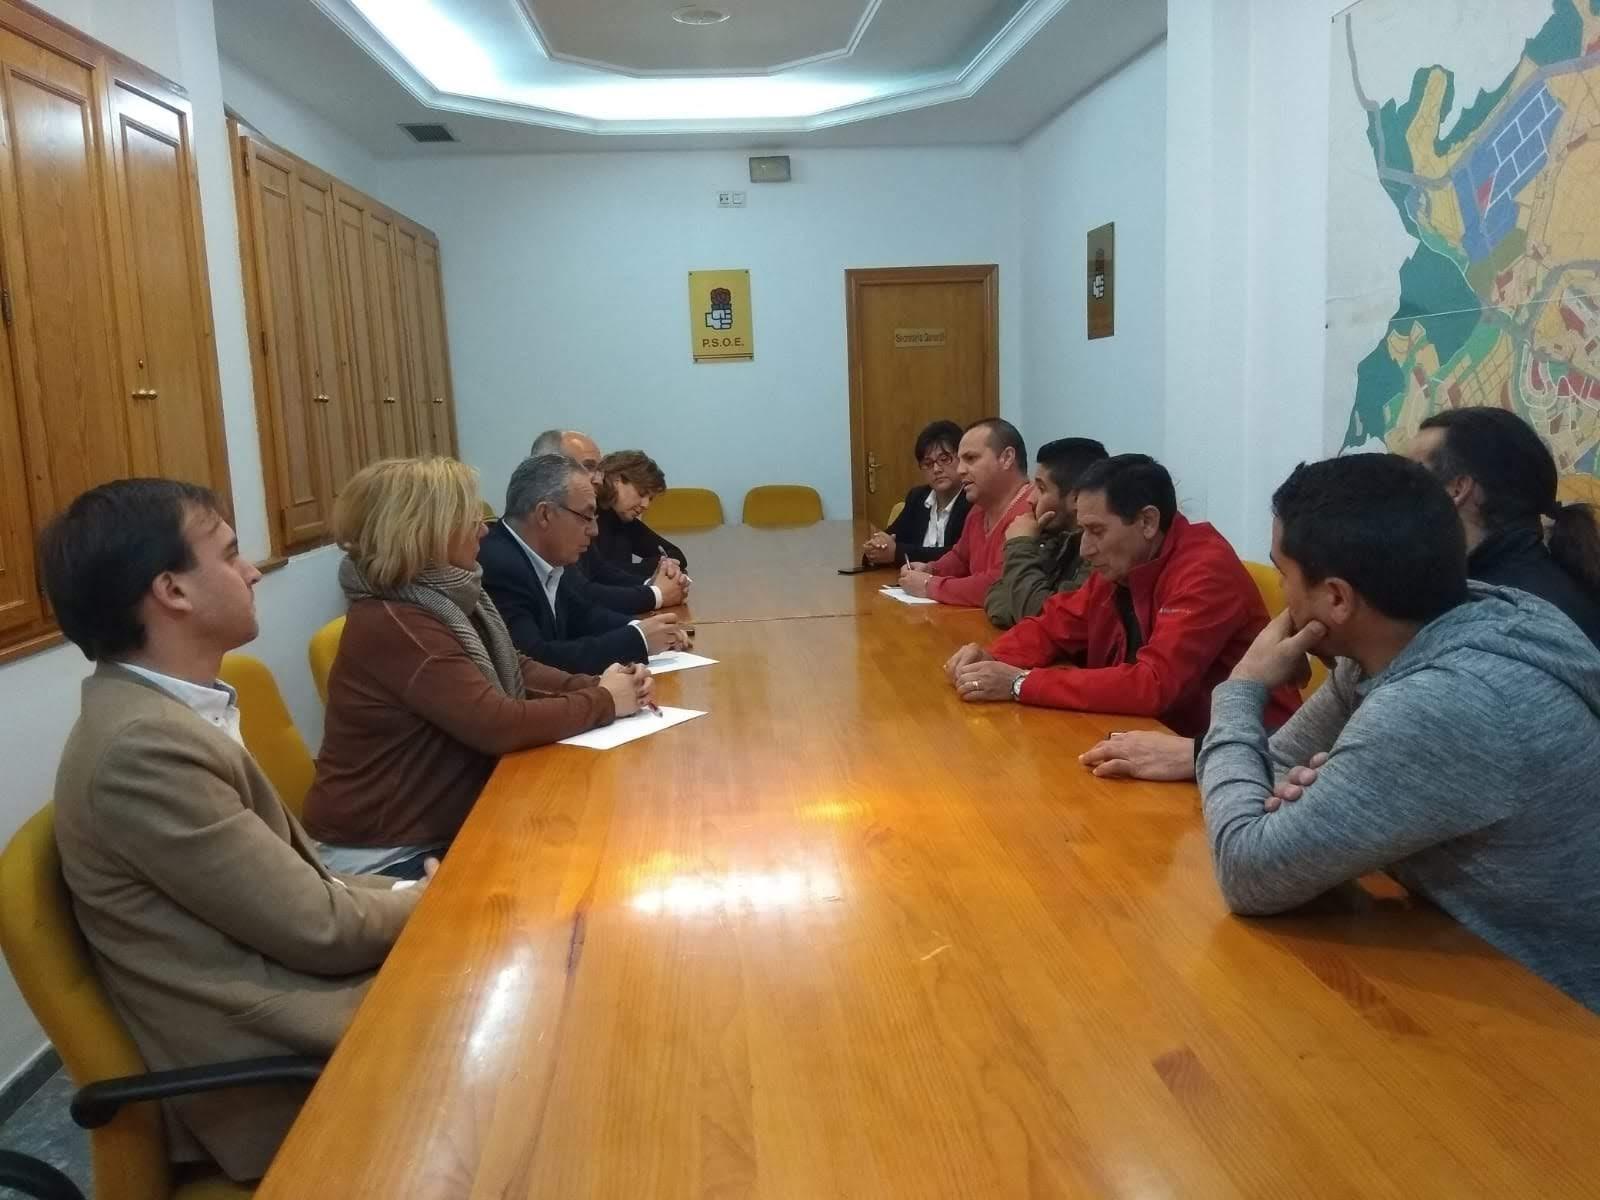 Lozano defiende el Plan Integral de Playas para mejorar las condiciones de sus trabajadores